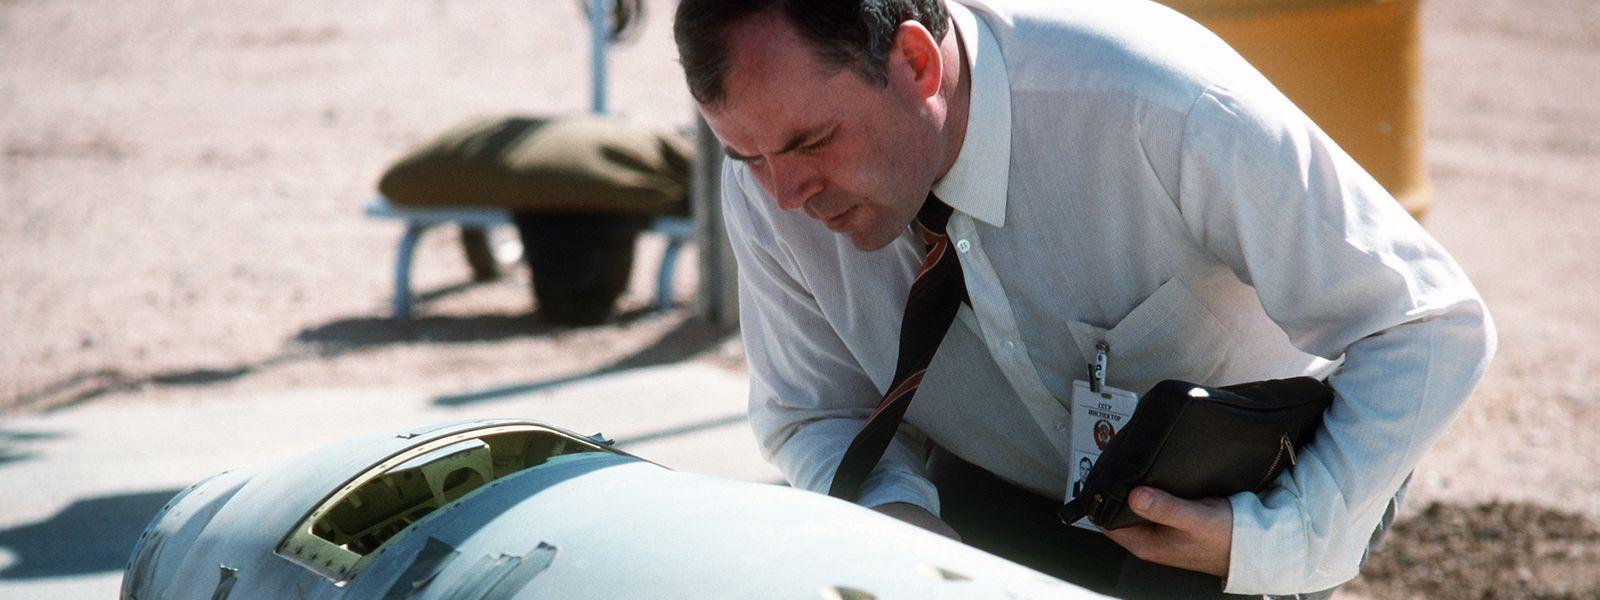 Ein sowjetischer Inspektor inspiziert im Oktober 1988 eine BGM-109G Tomahawk-Bodenrakete vor ihrer Zerstörung.